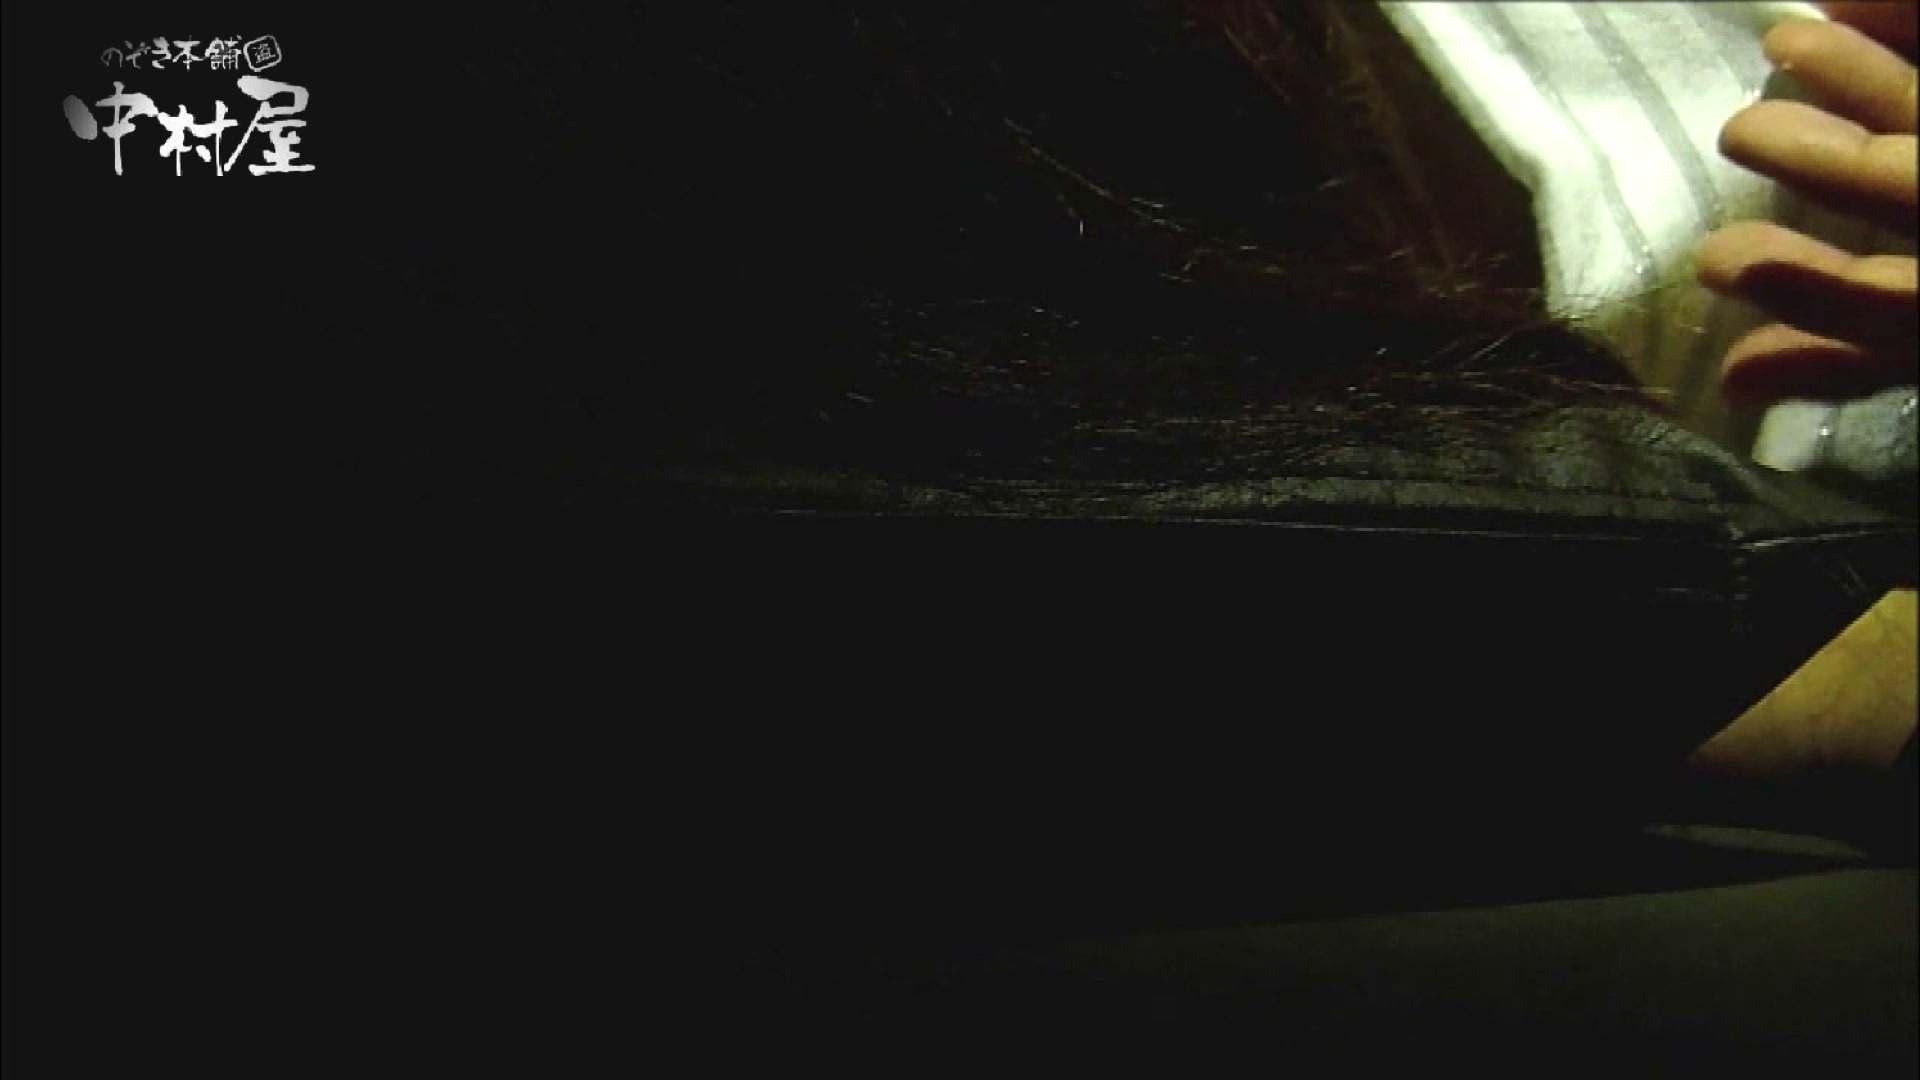 欲望 リアルドール Vol.01 Kちゃんショップ店員店員20歳 HなOL | Hな女子大生  67pic 56